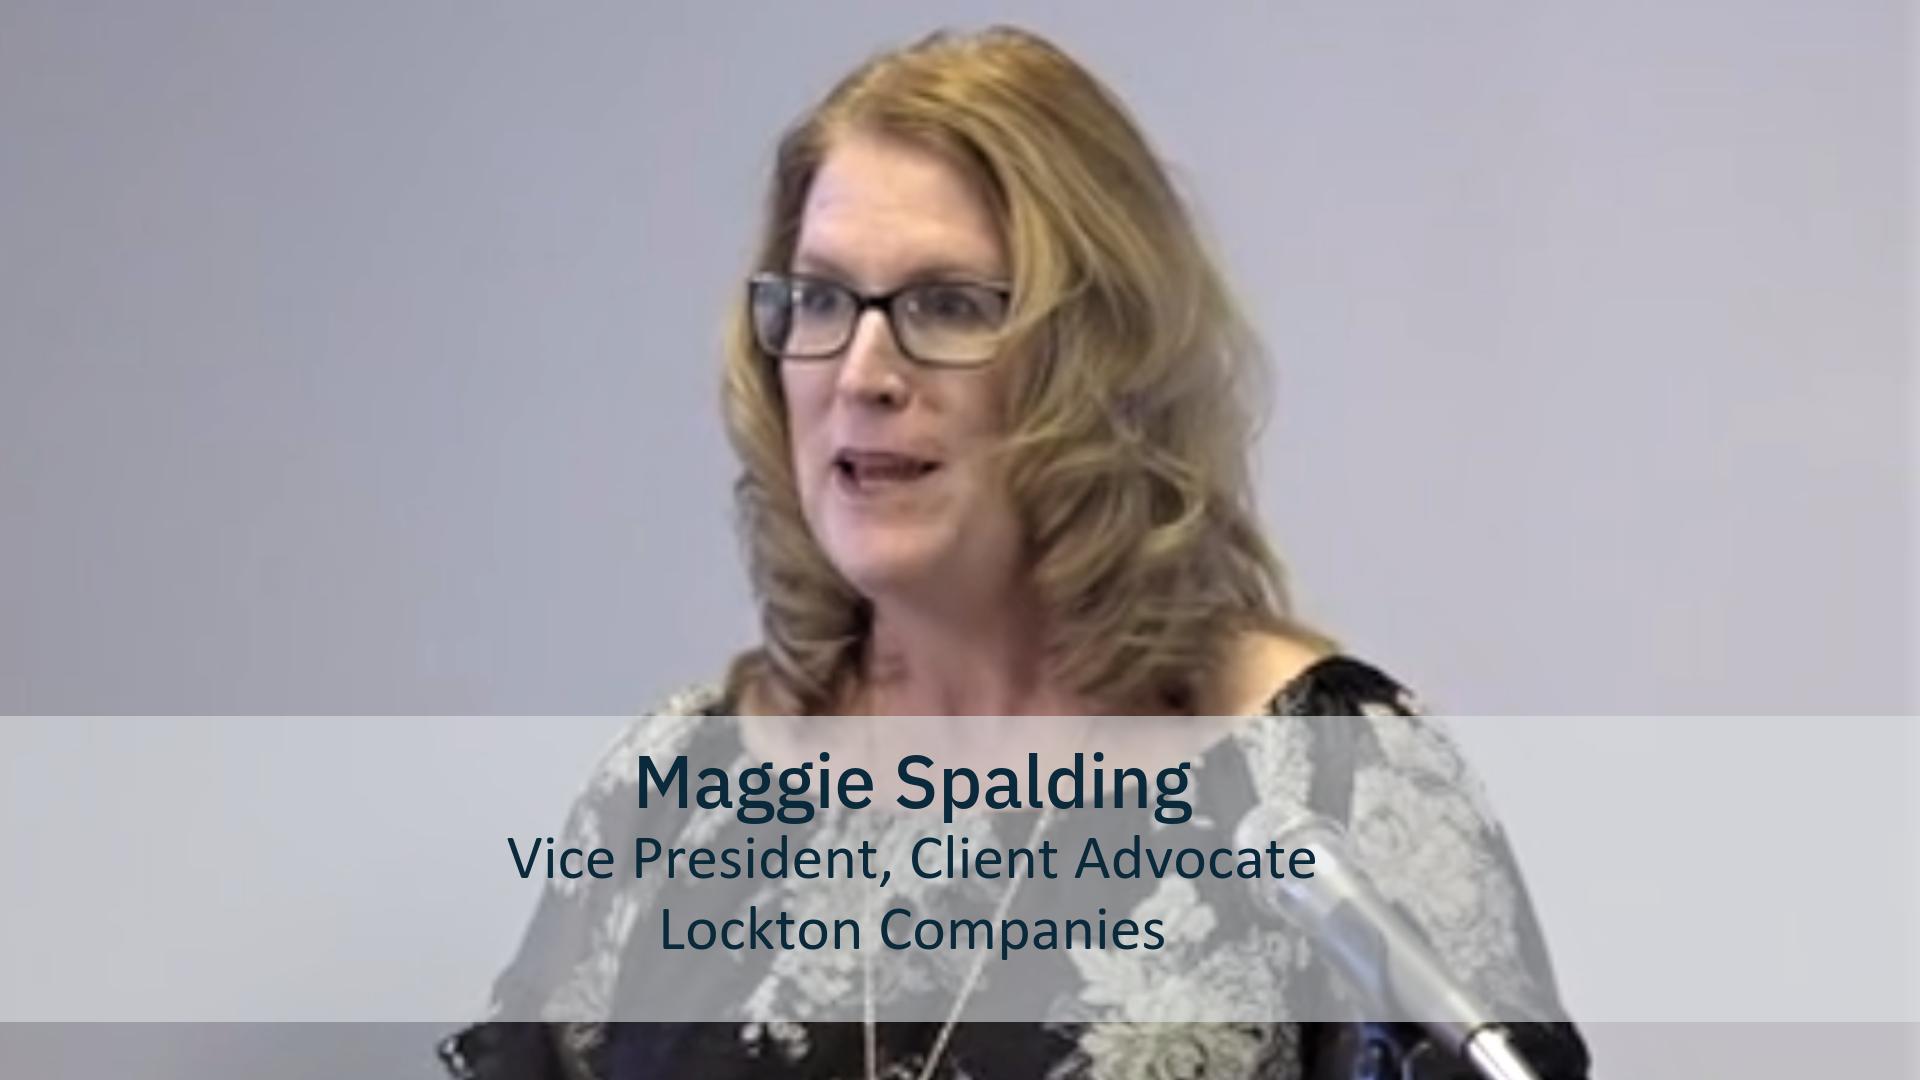 Maggie Spalding